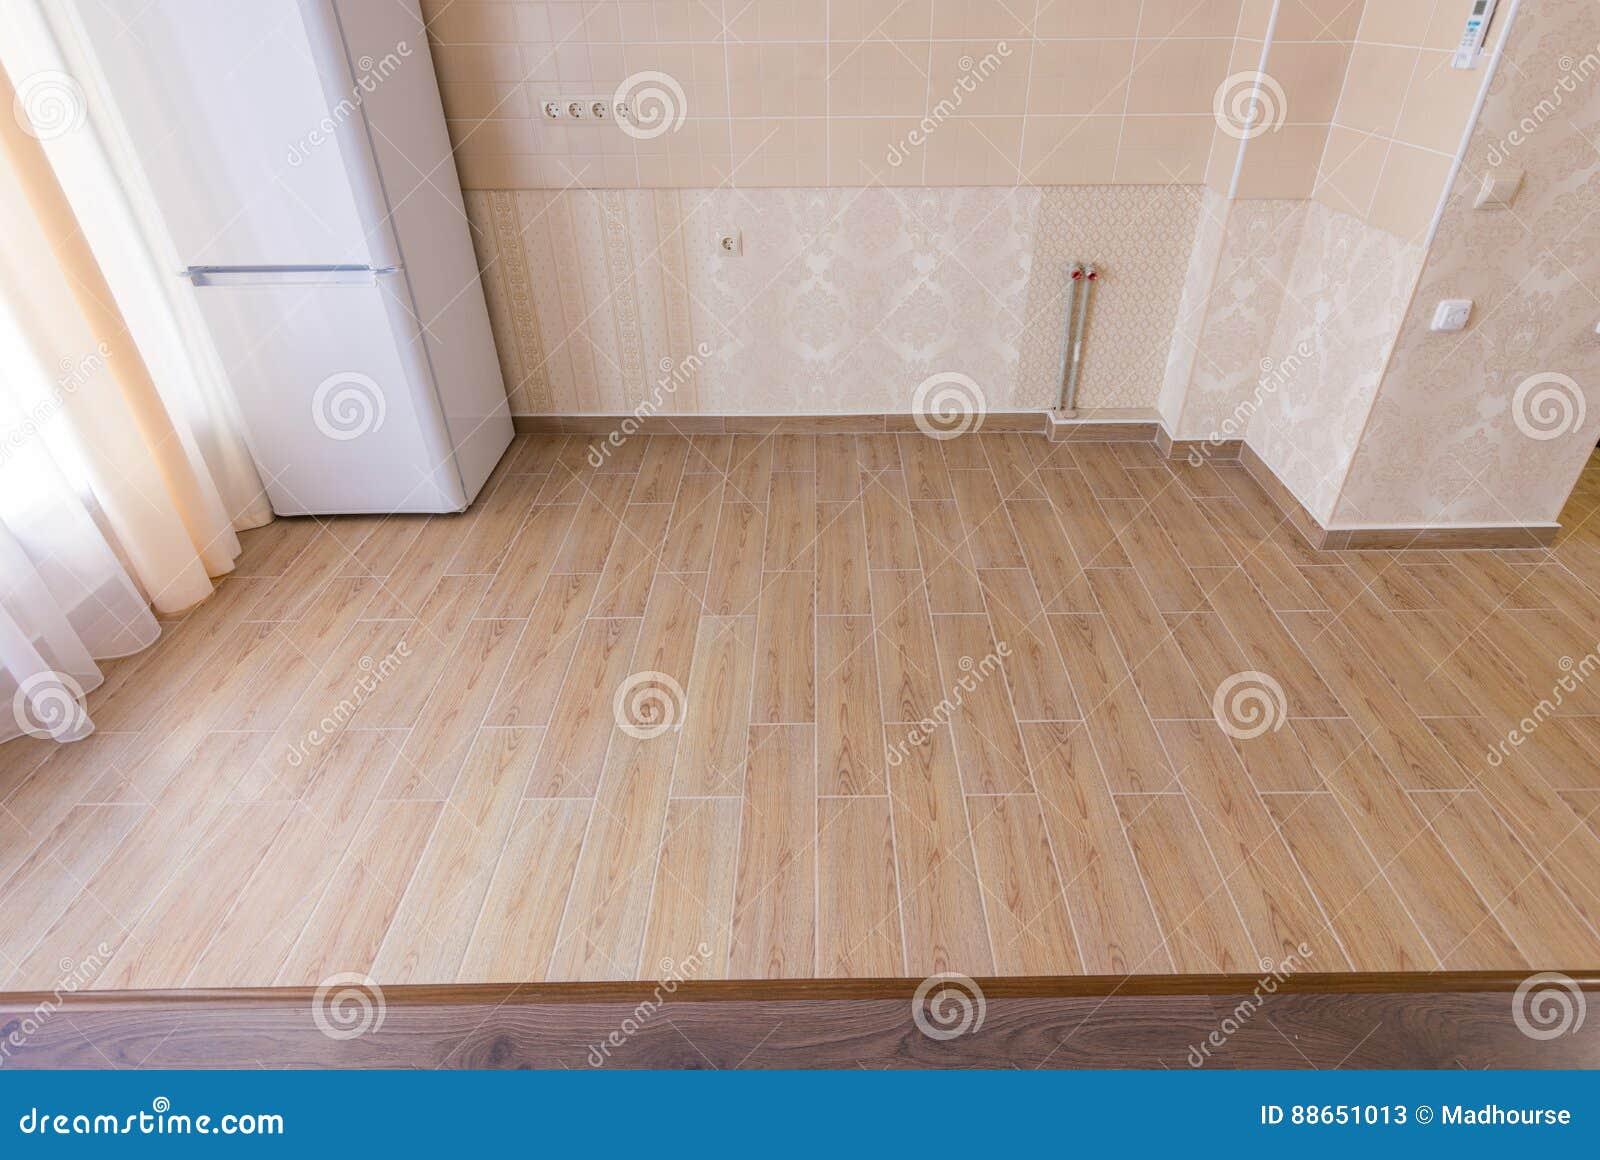 在内部,陶瓷厨房瓦片的分区制地板毗邻与层压制品的地板在客厅